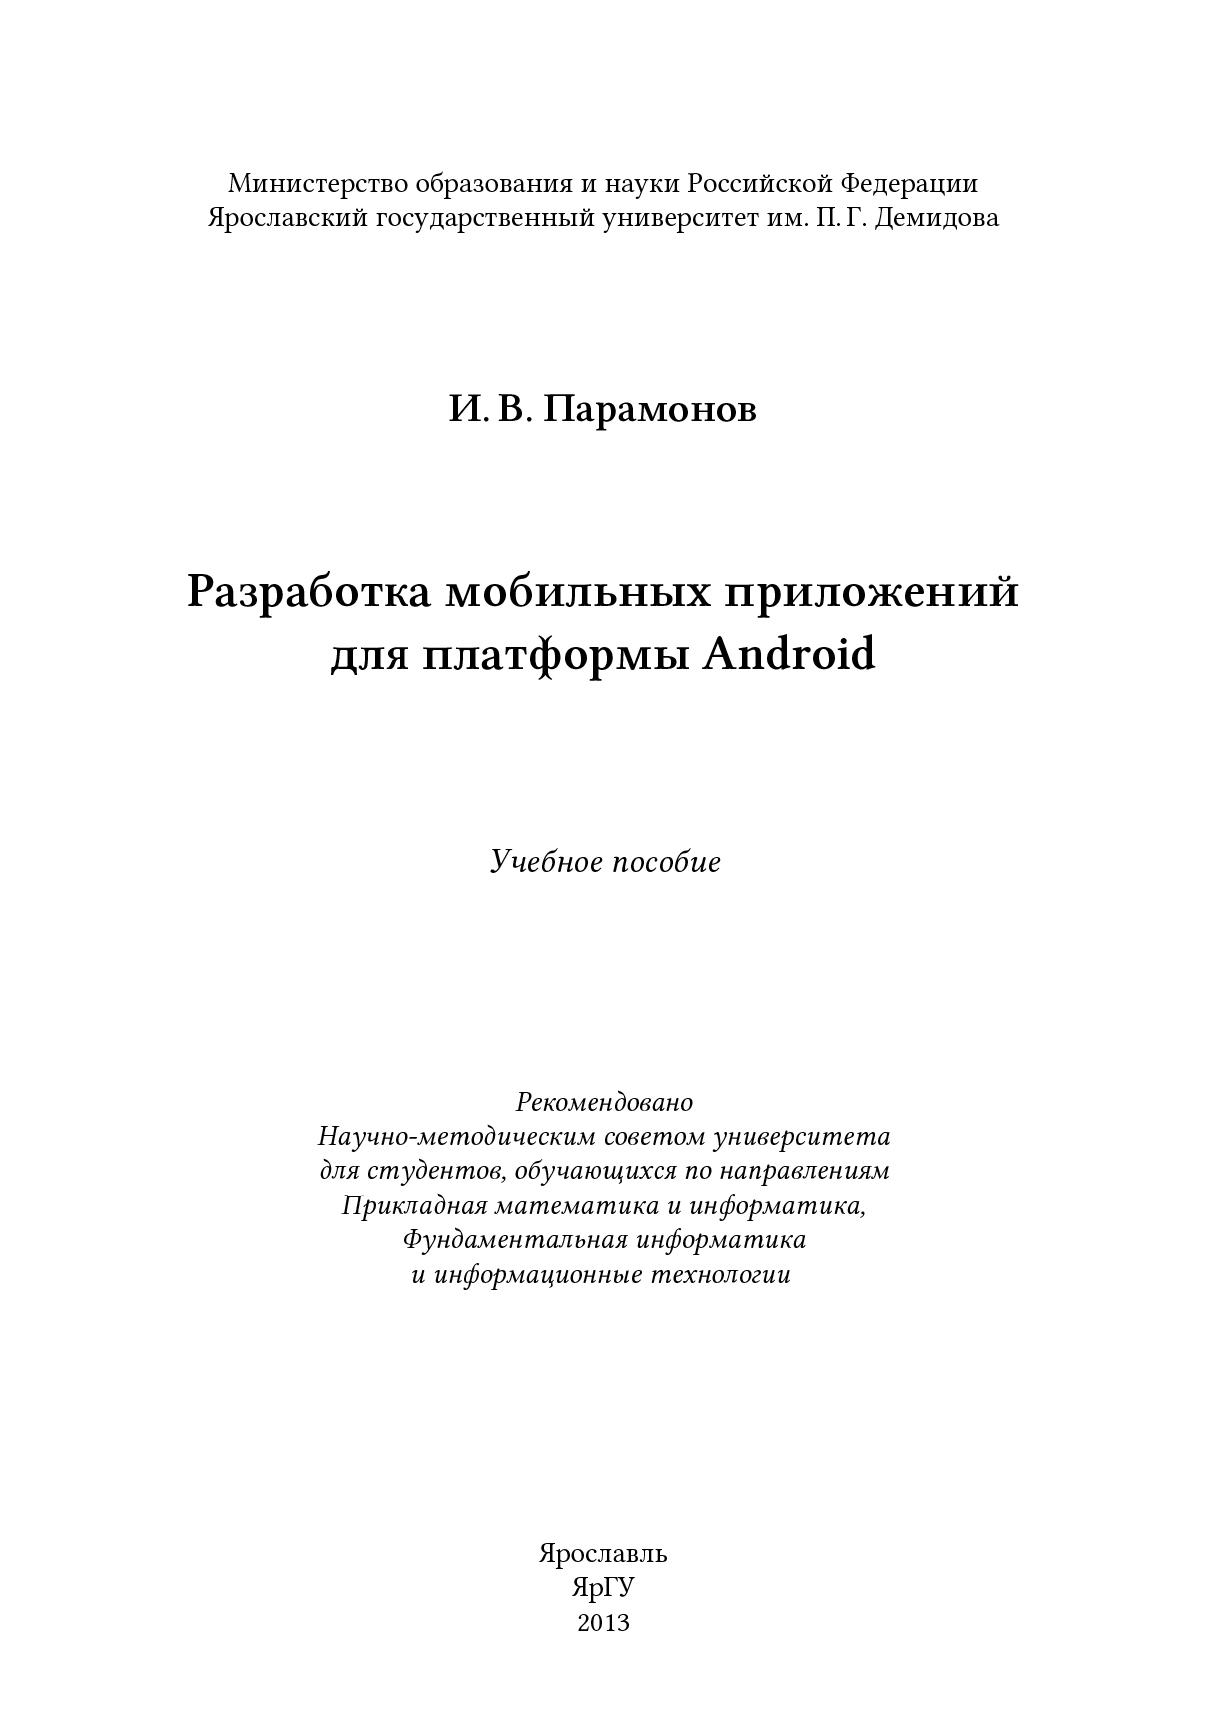 И. В. Парамонов Разработка мобильных приложений для платформы Android цена 2017